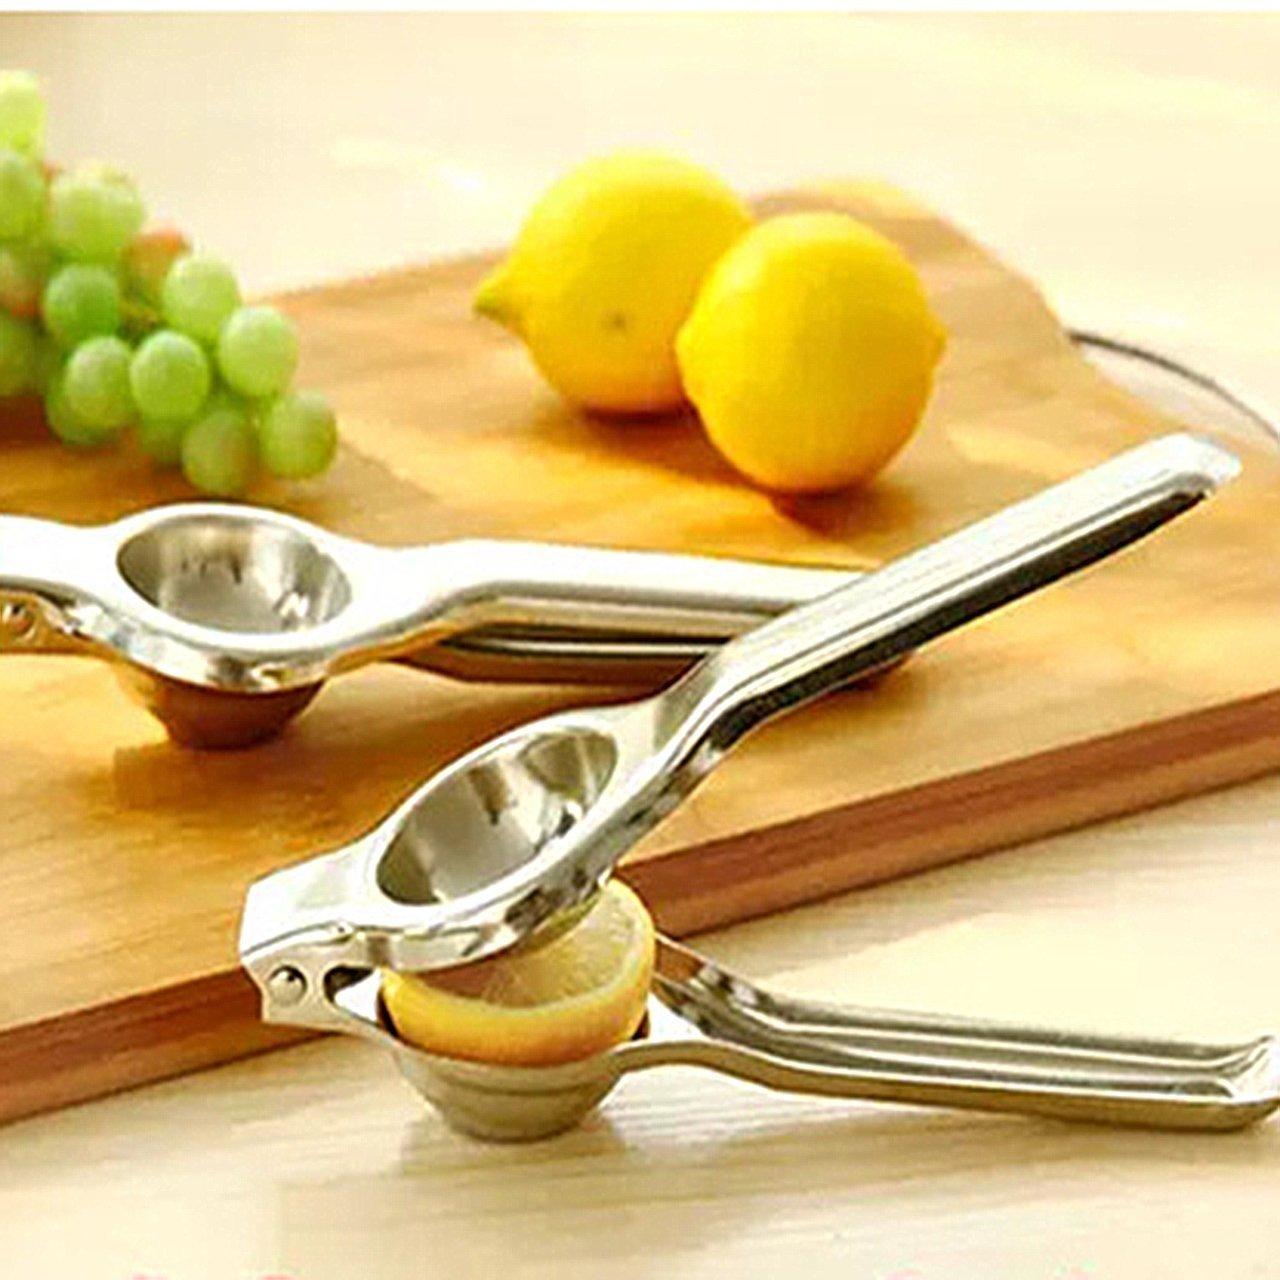 Nikgic de Jugo de Lim/ón Clip de Pinza de Cocina de Calidad Alimentaria Acero Inox Recogedor de Hielo de las Pinzas Clip de Comida